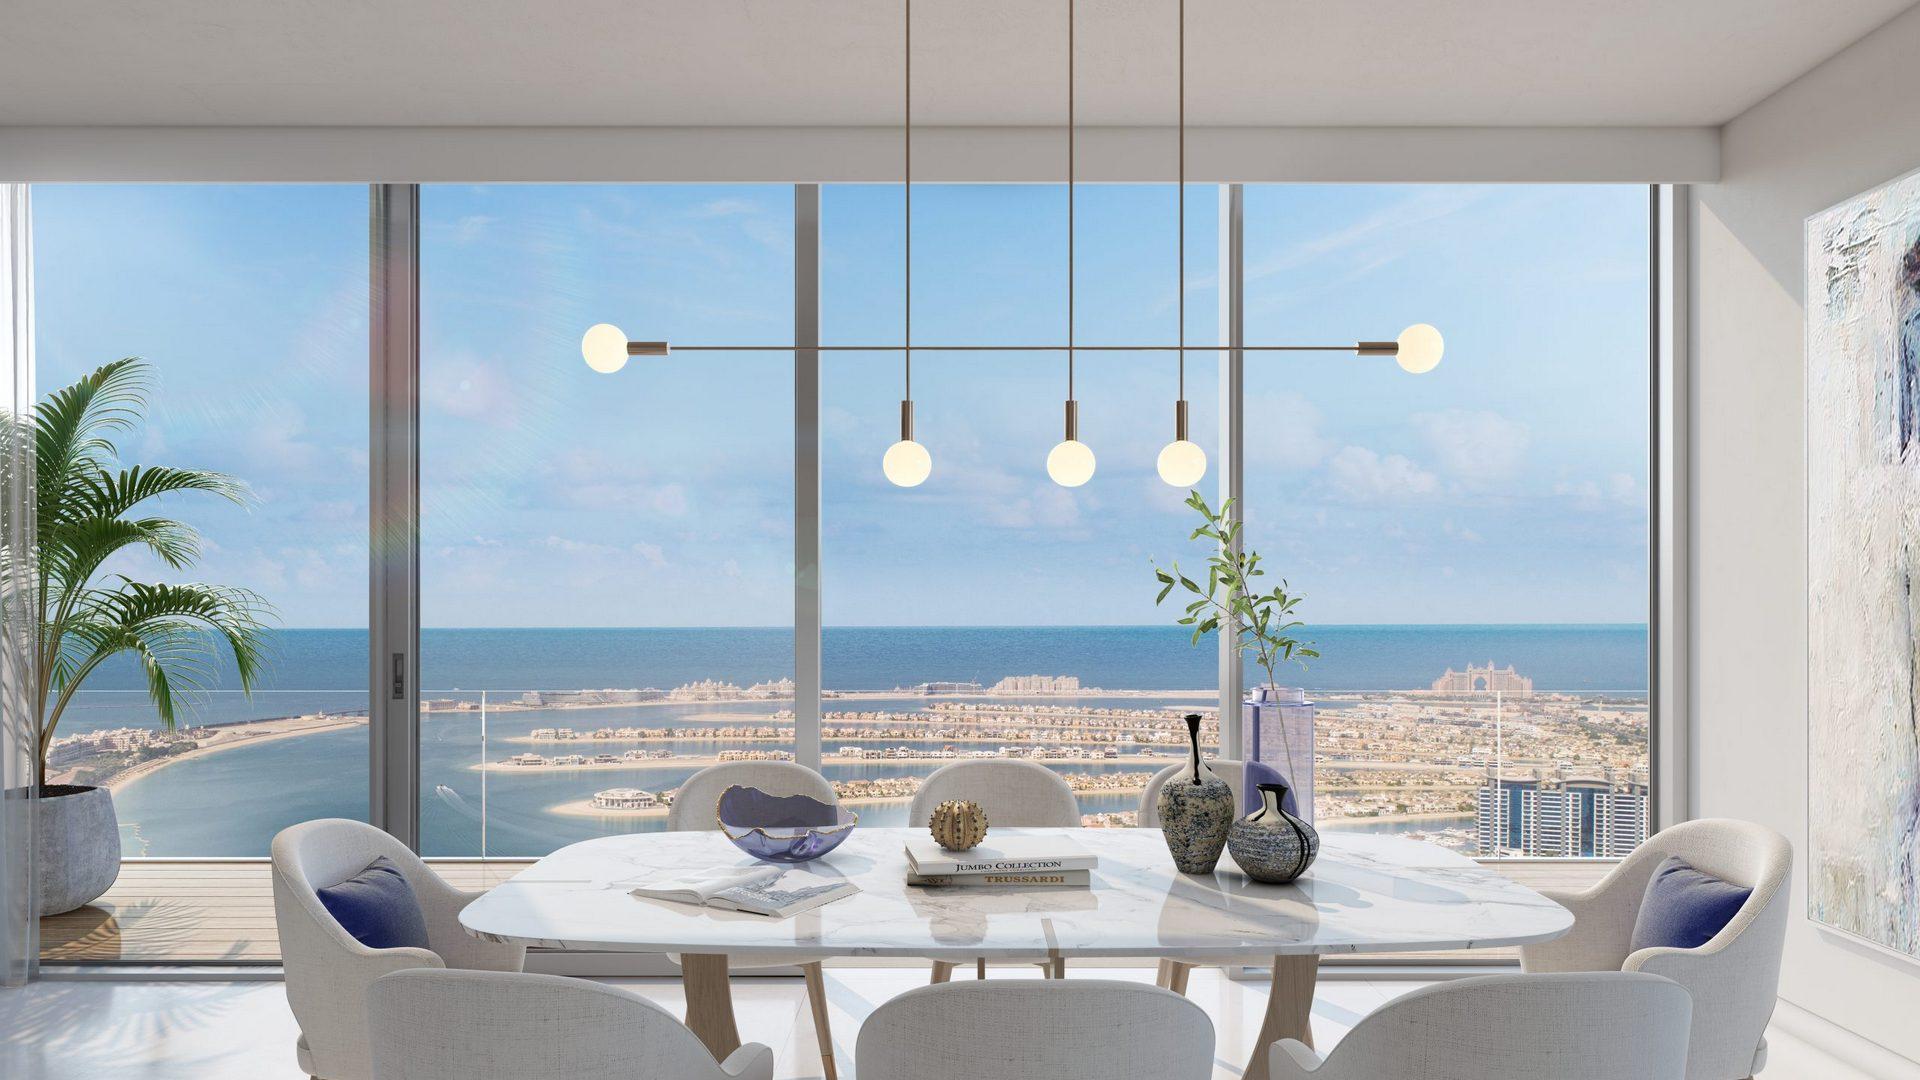 Apartamento en venta en Dubai, EAU, 4 dormitorios, 240 m2, № 24547 – foto 1